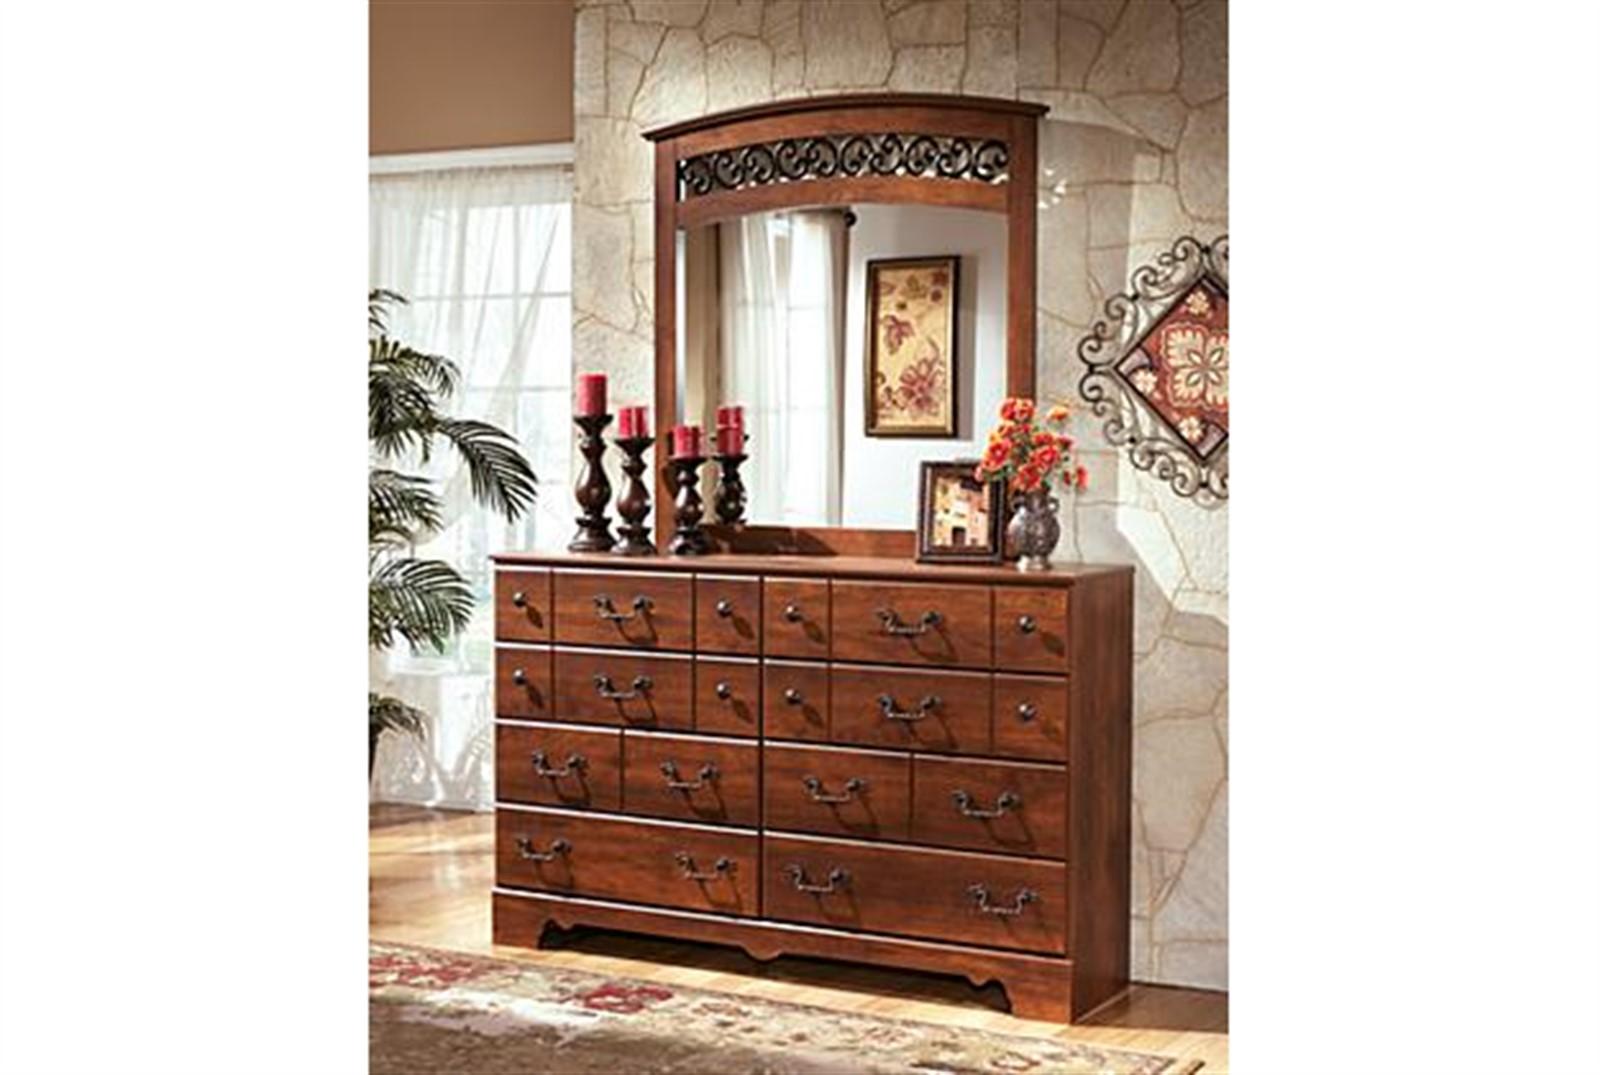 Timberline Dresser and Mirror Set - Warm Brown